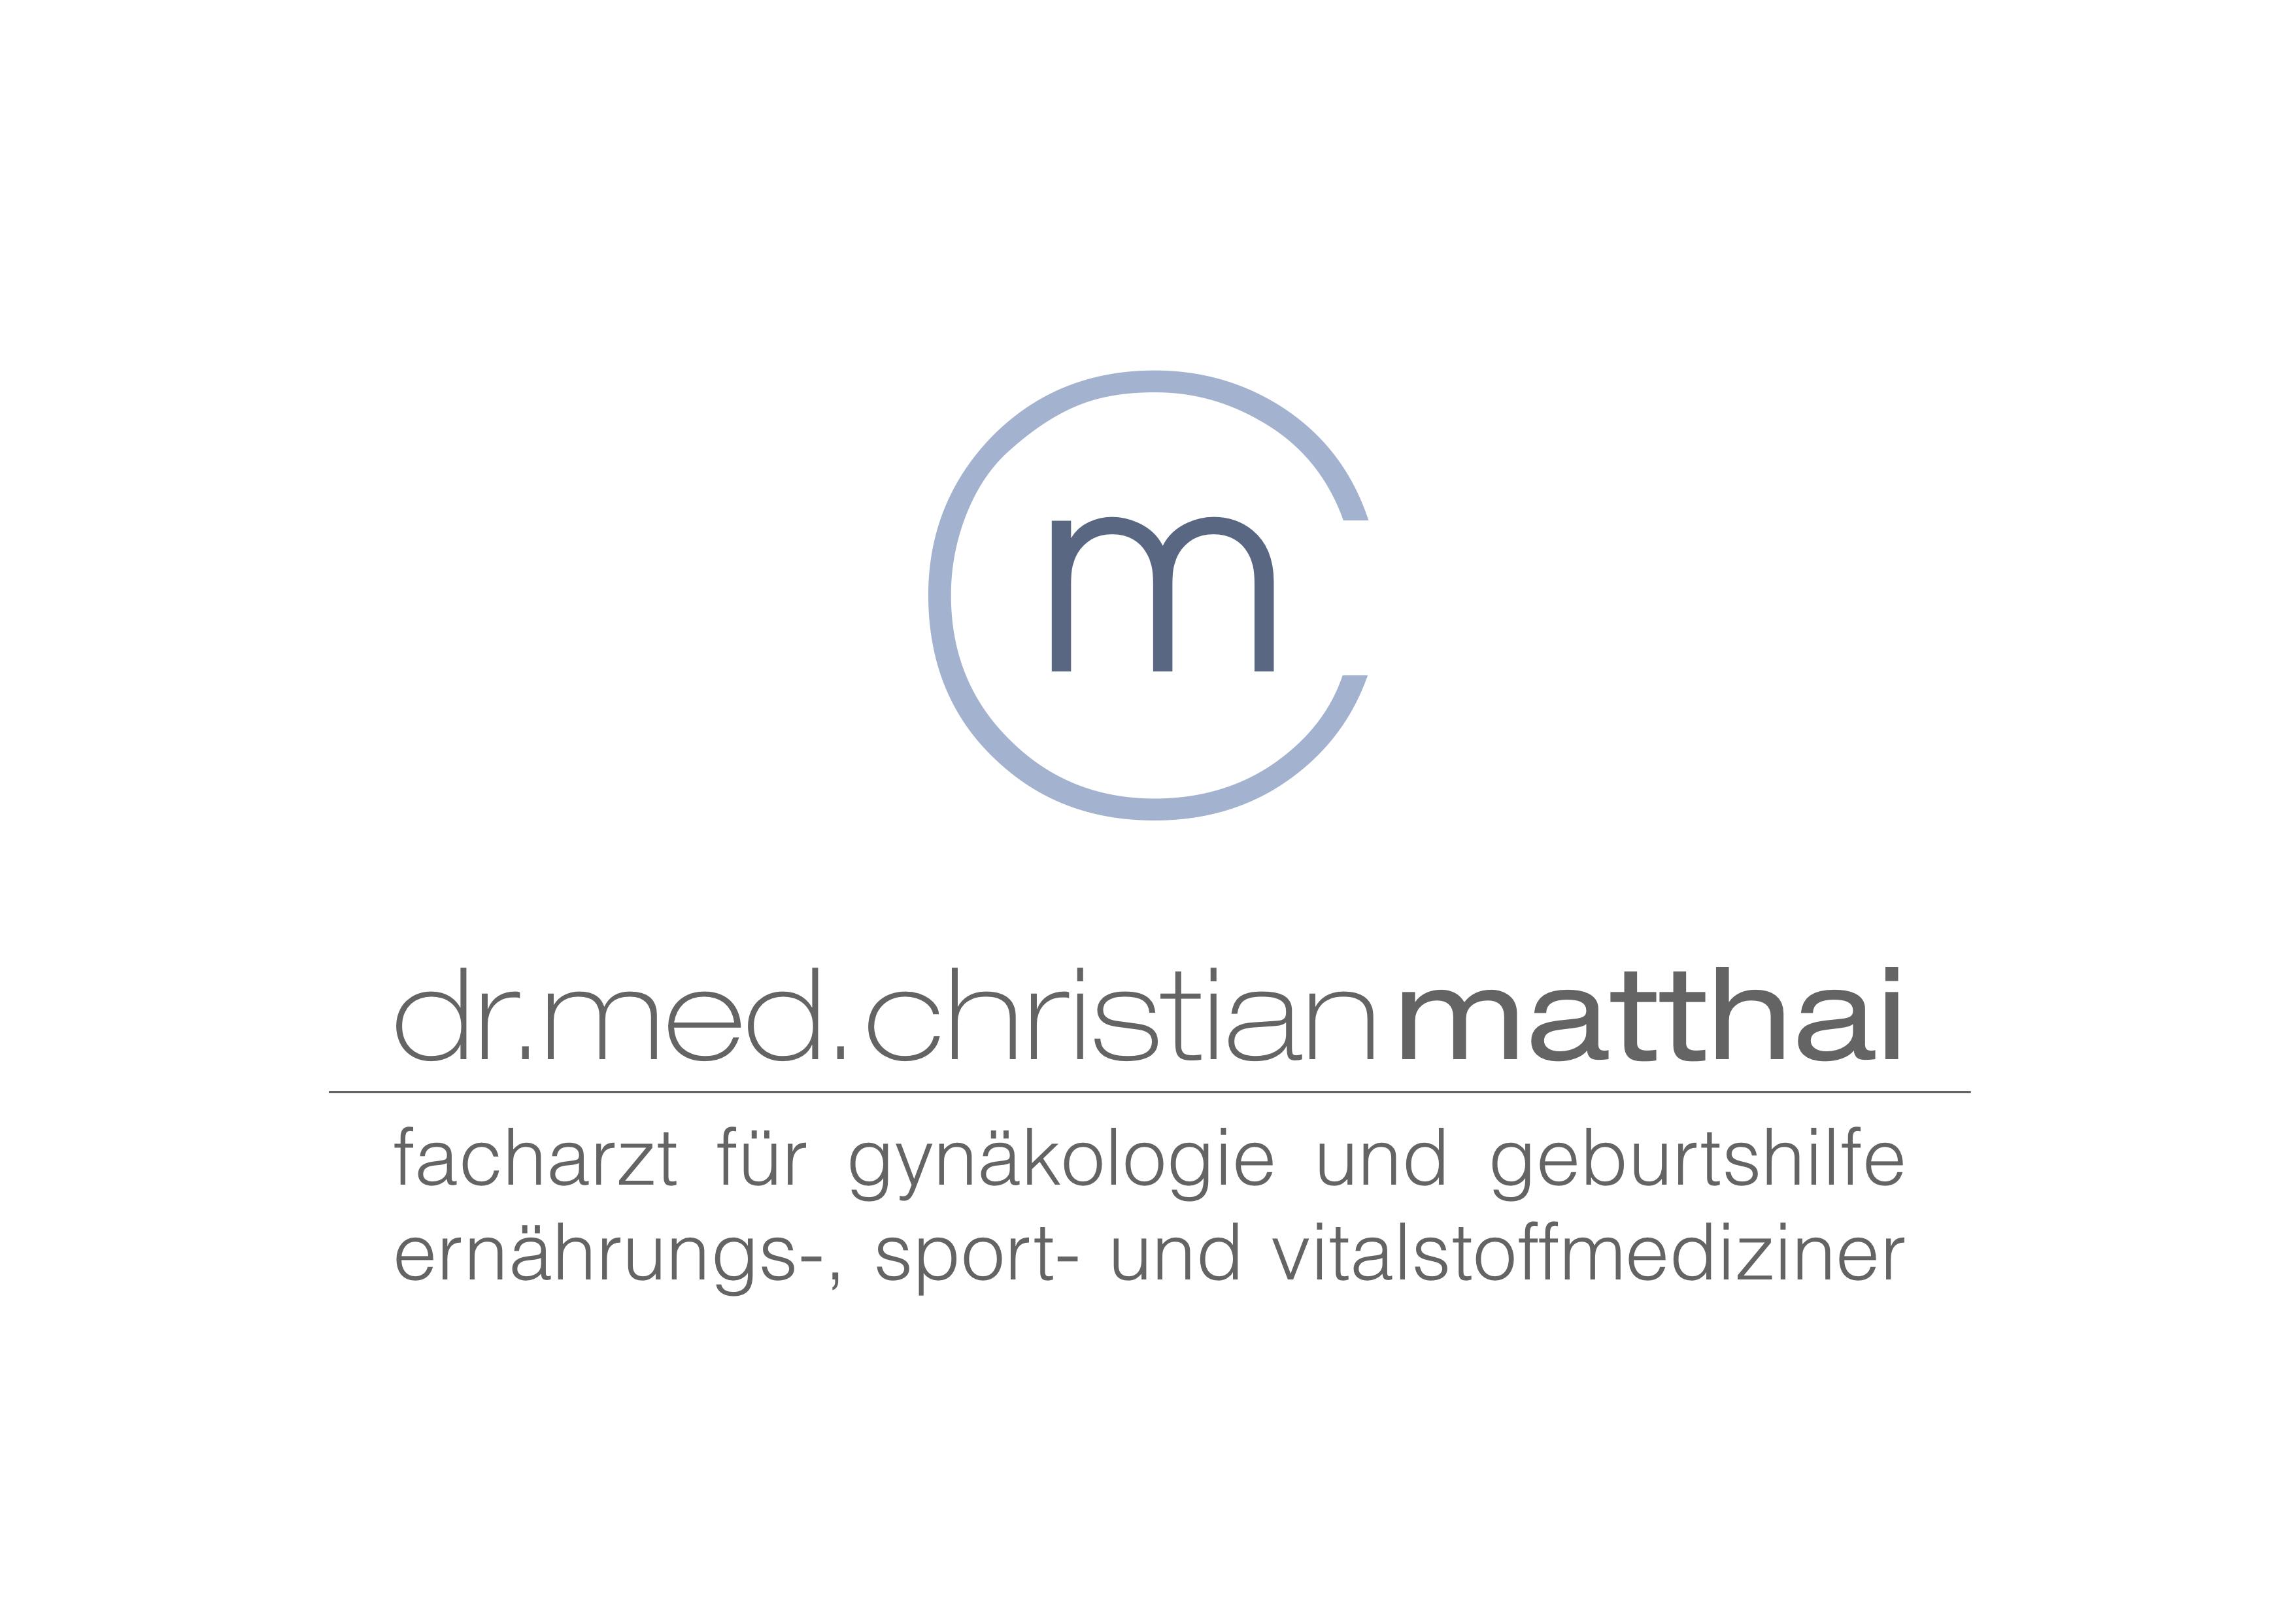 Eisenexperte DR. CHRISTIAN MATTHAI, Wien, Facharzt für Gynäkologie und Geburtshilfe Ernährungs-, Sport- und Vitalstoffmediziner